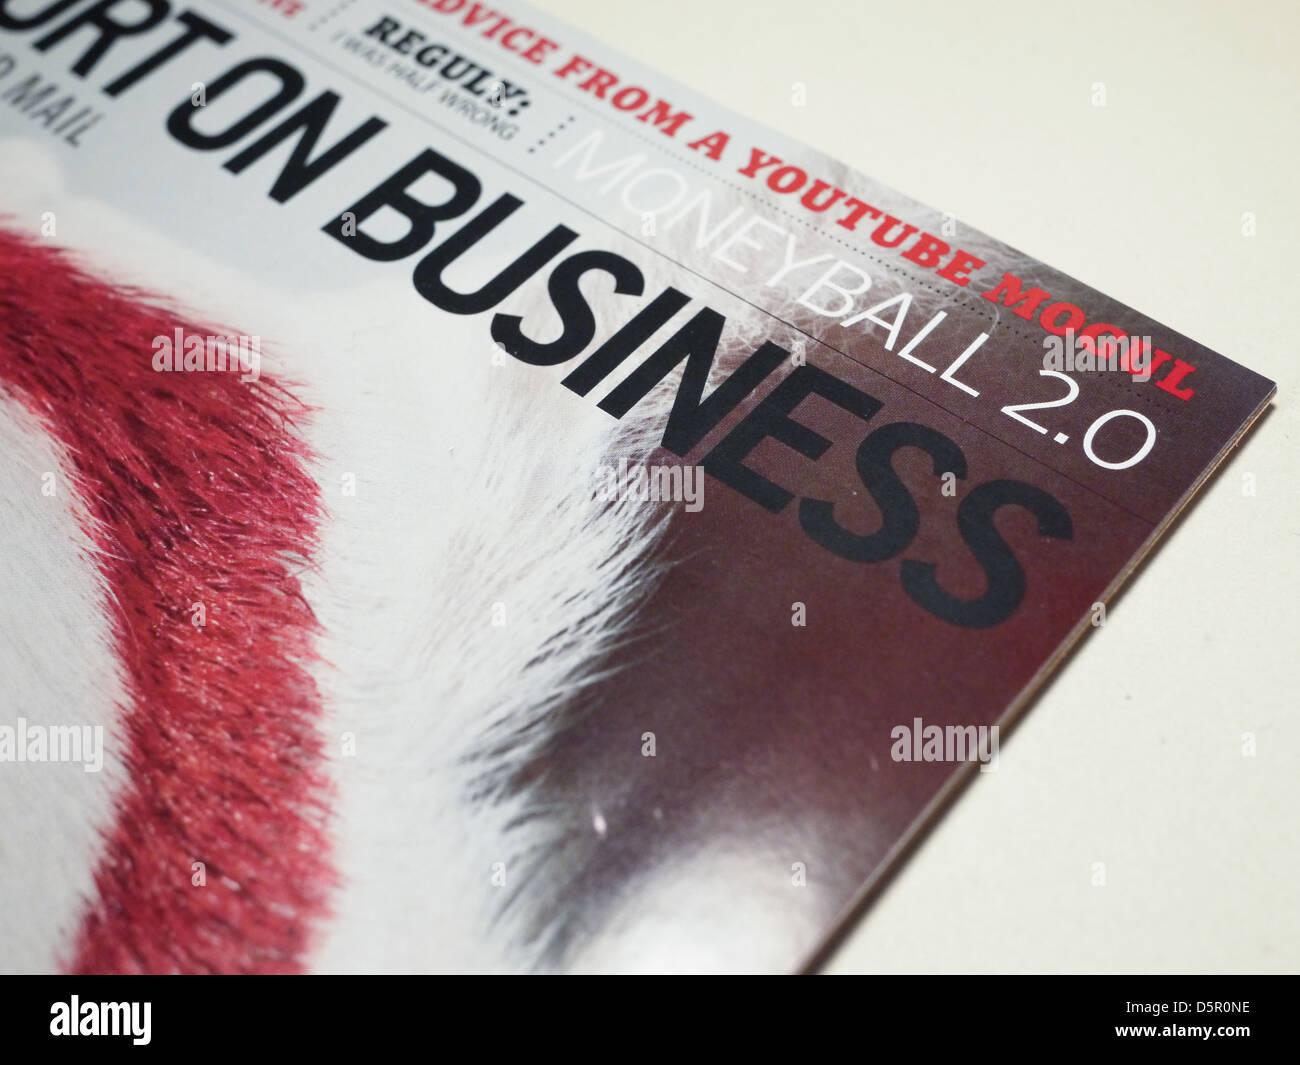 business magazine - Stock Image